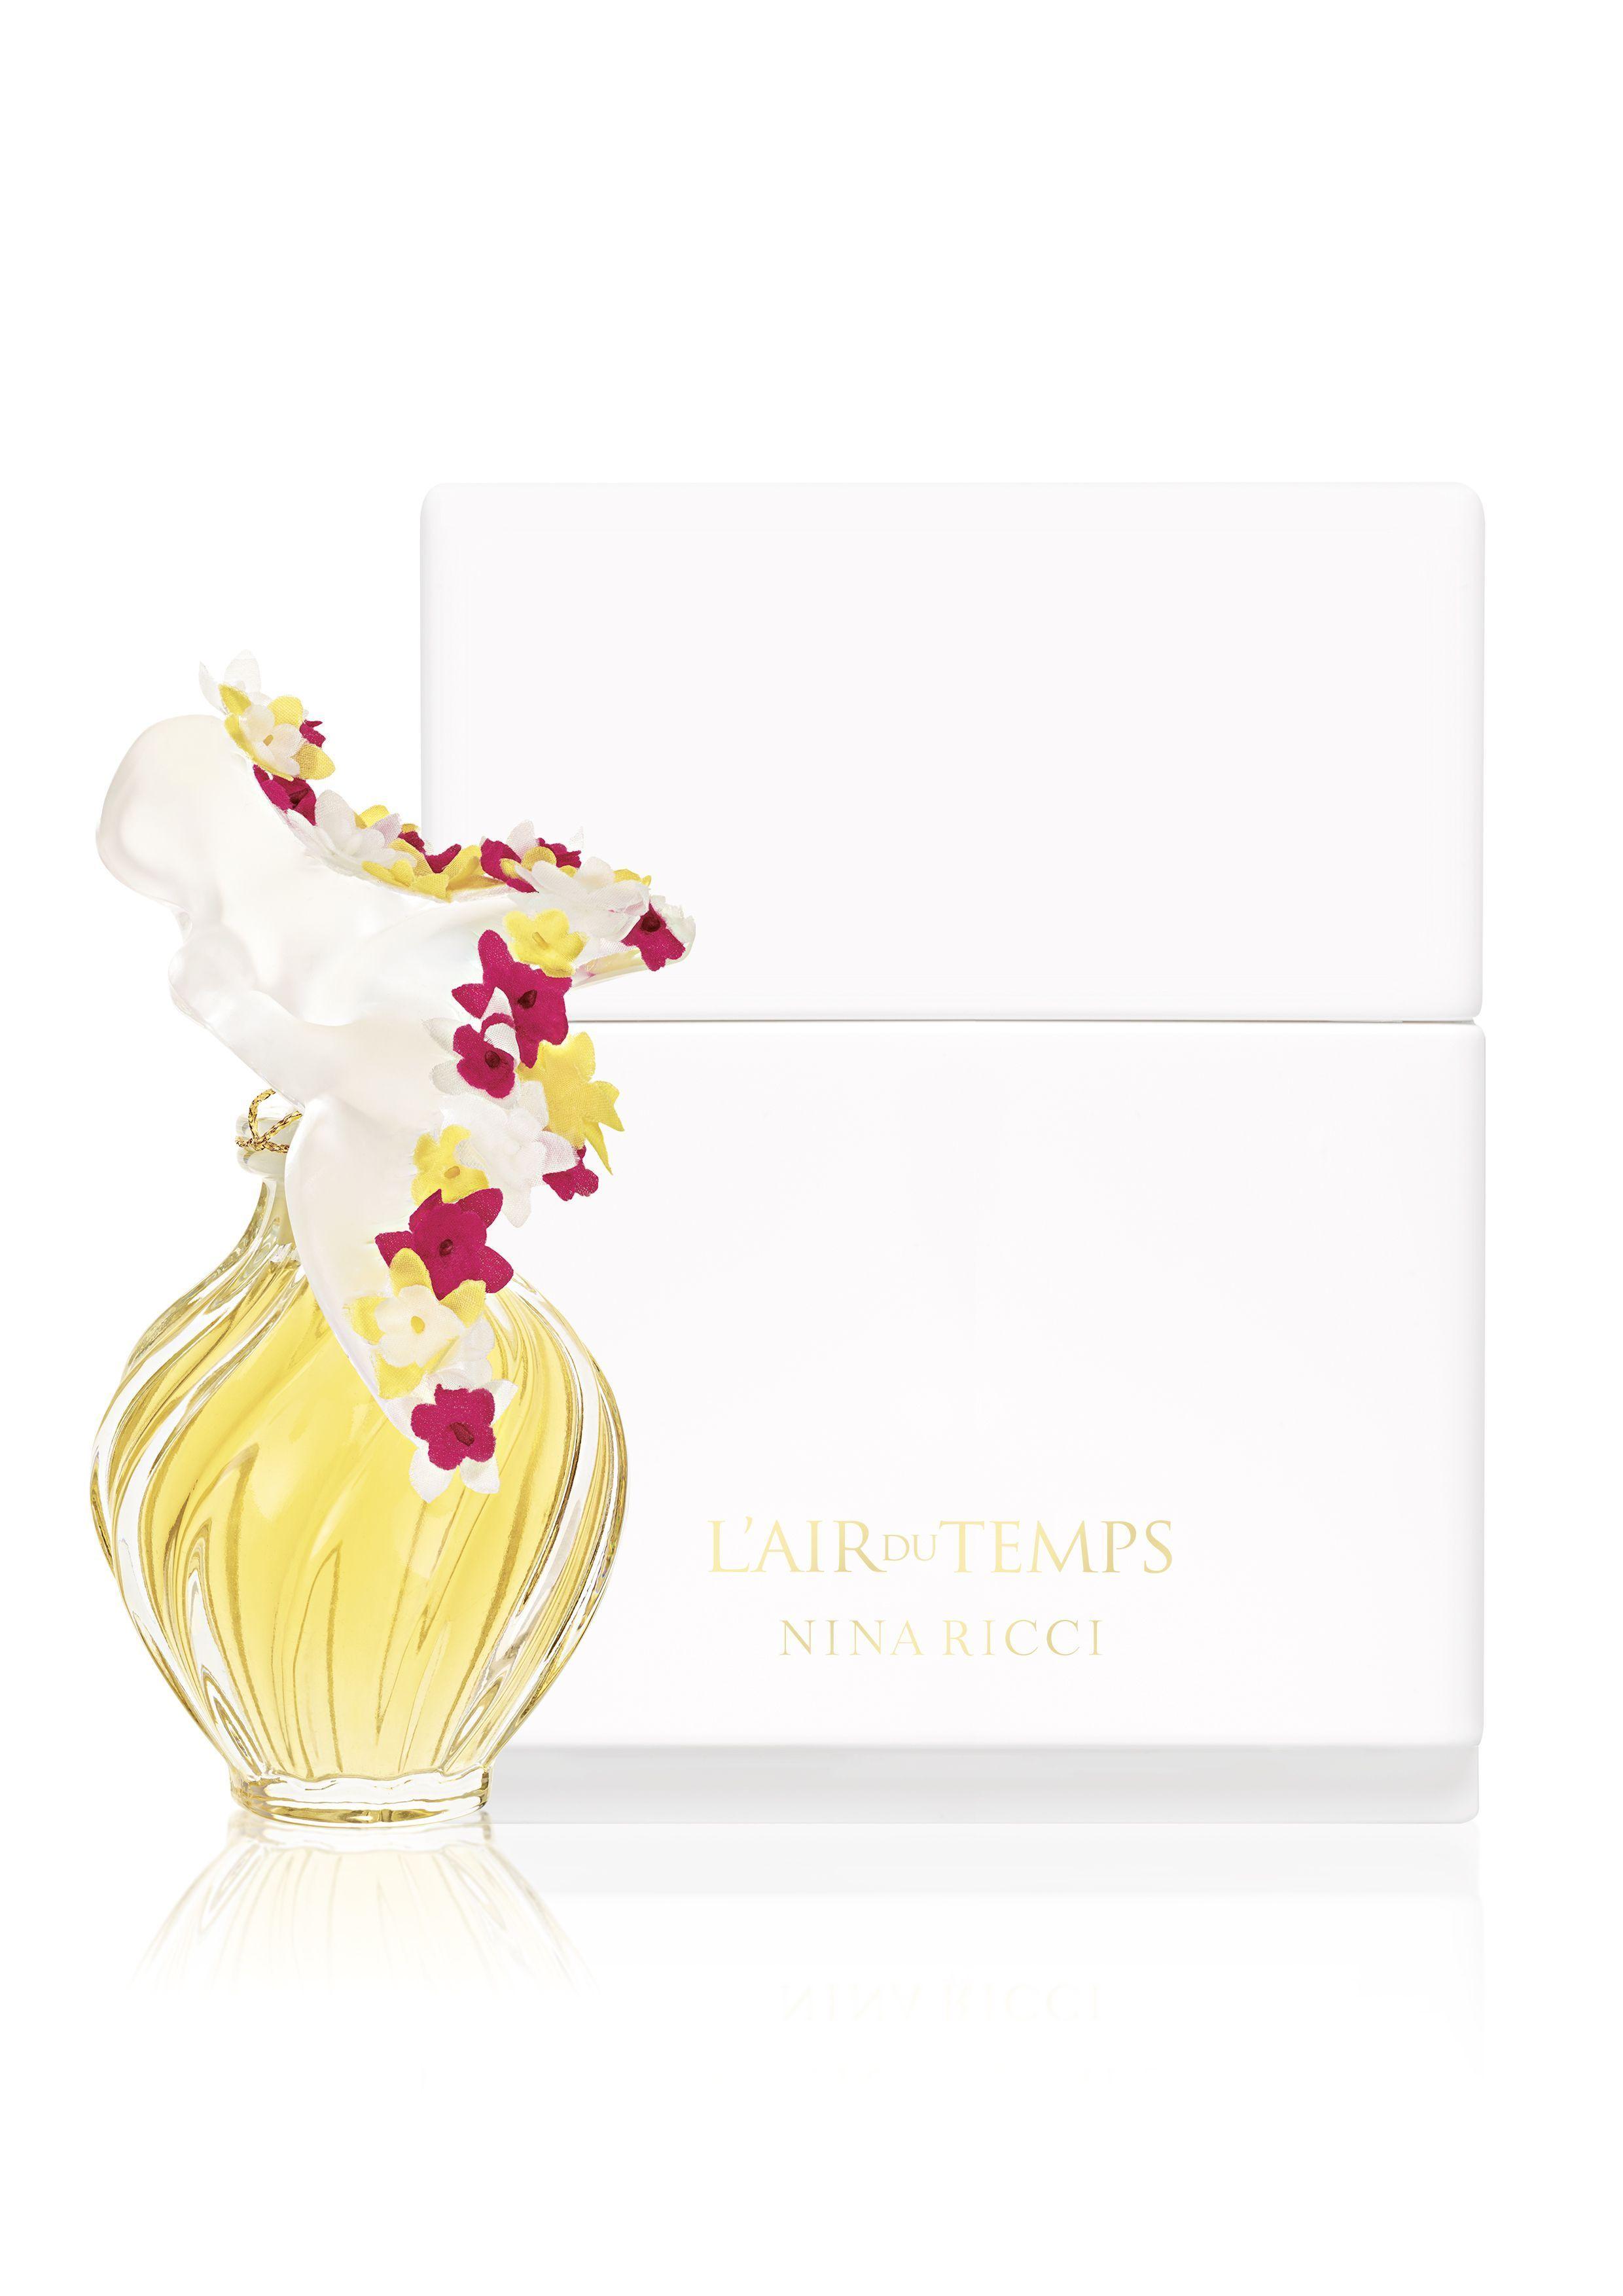 L'Air du Temps: una edición limitada, homenaje a Lalique y Maison Guillet